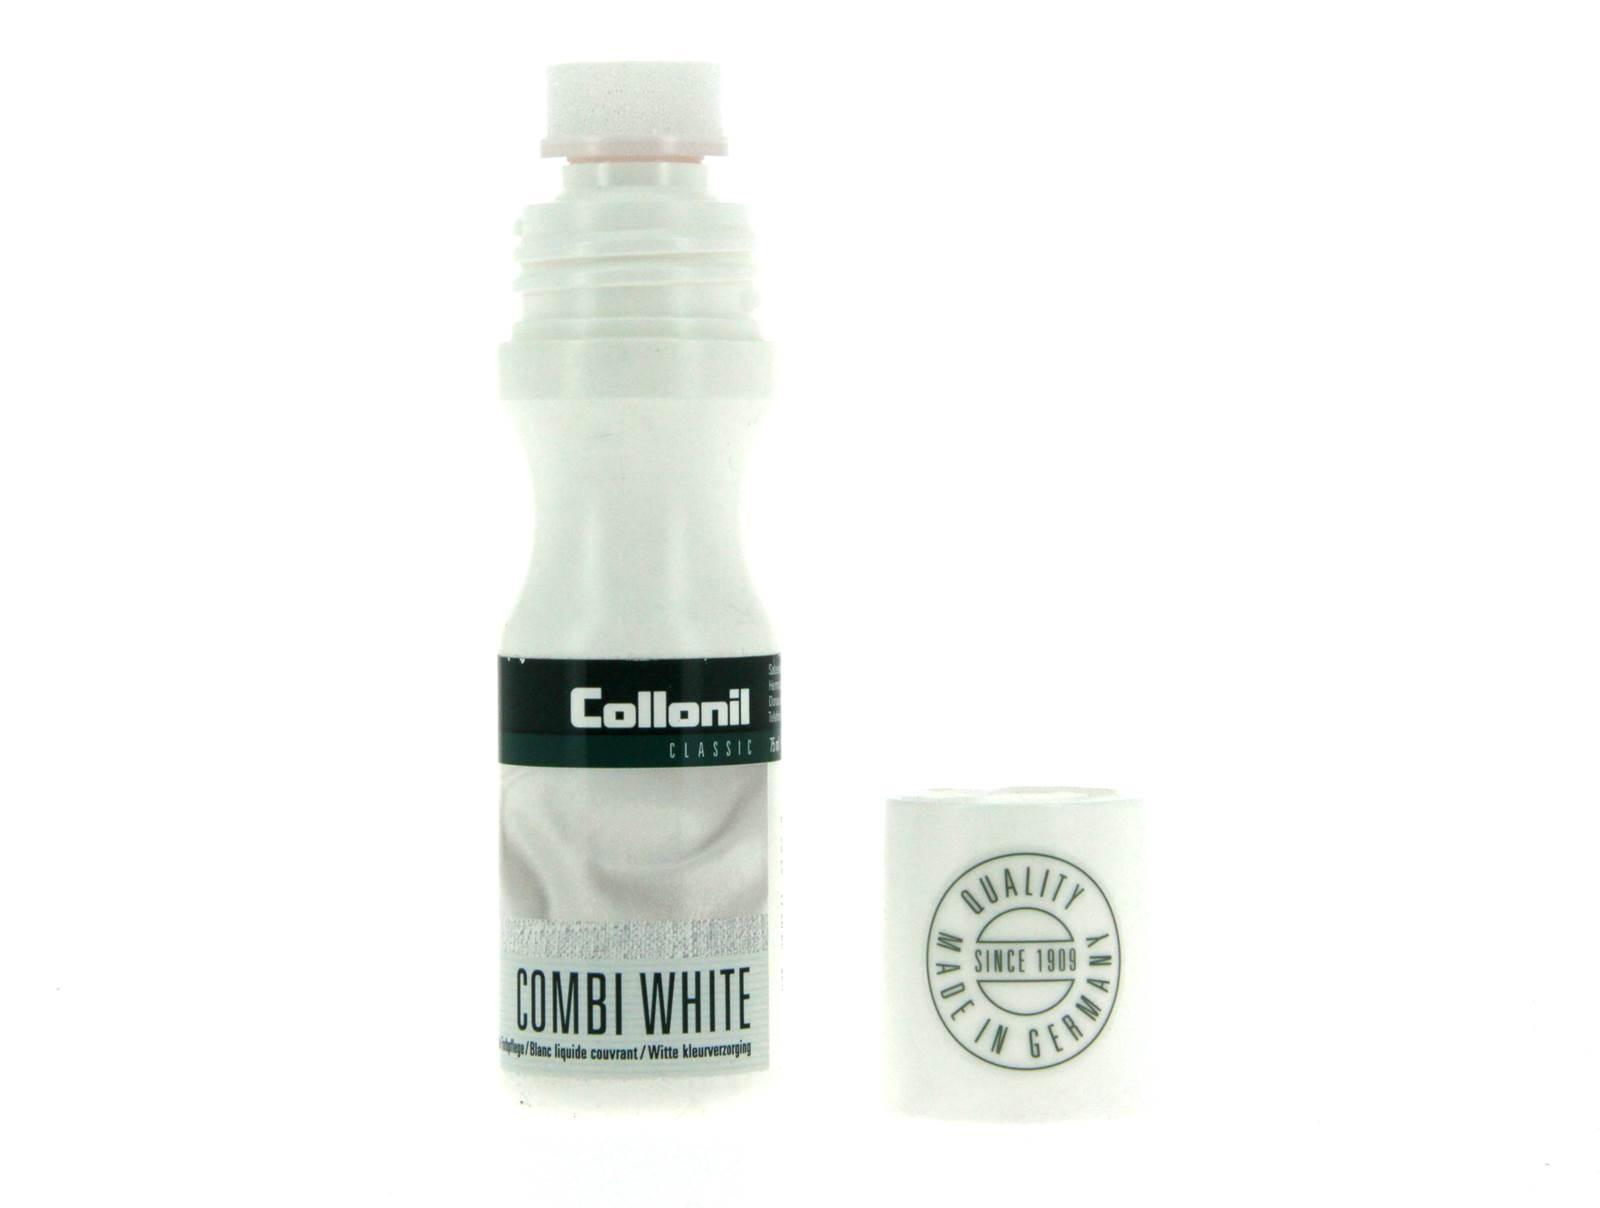 Collonil Pflege COMBI WHITE